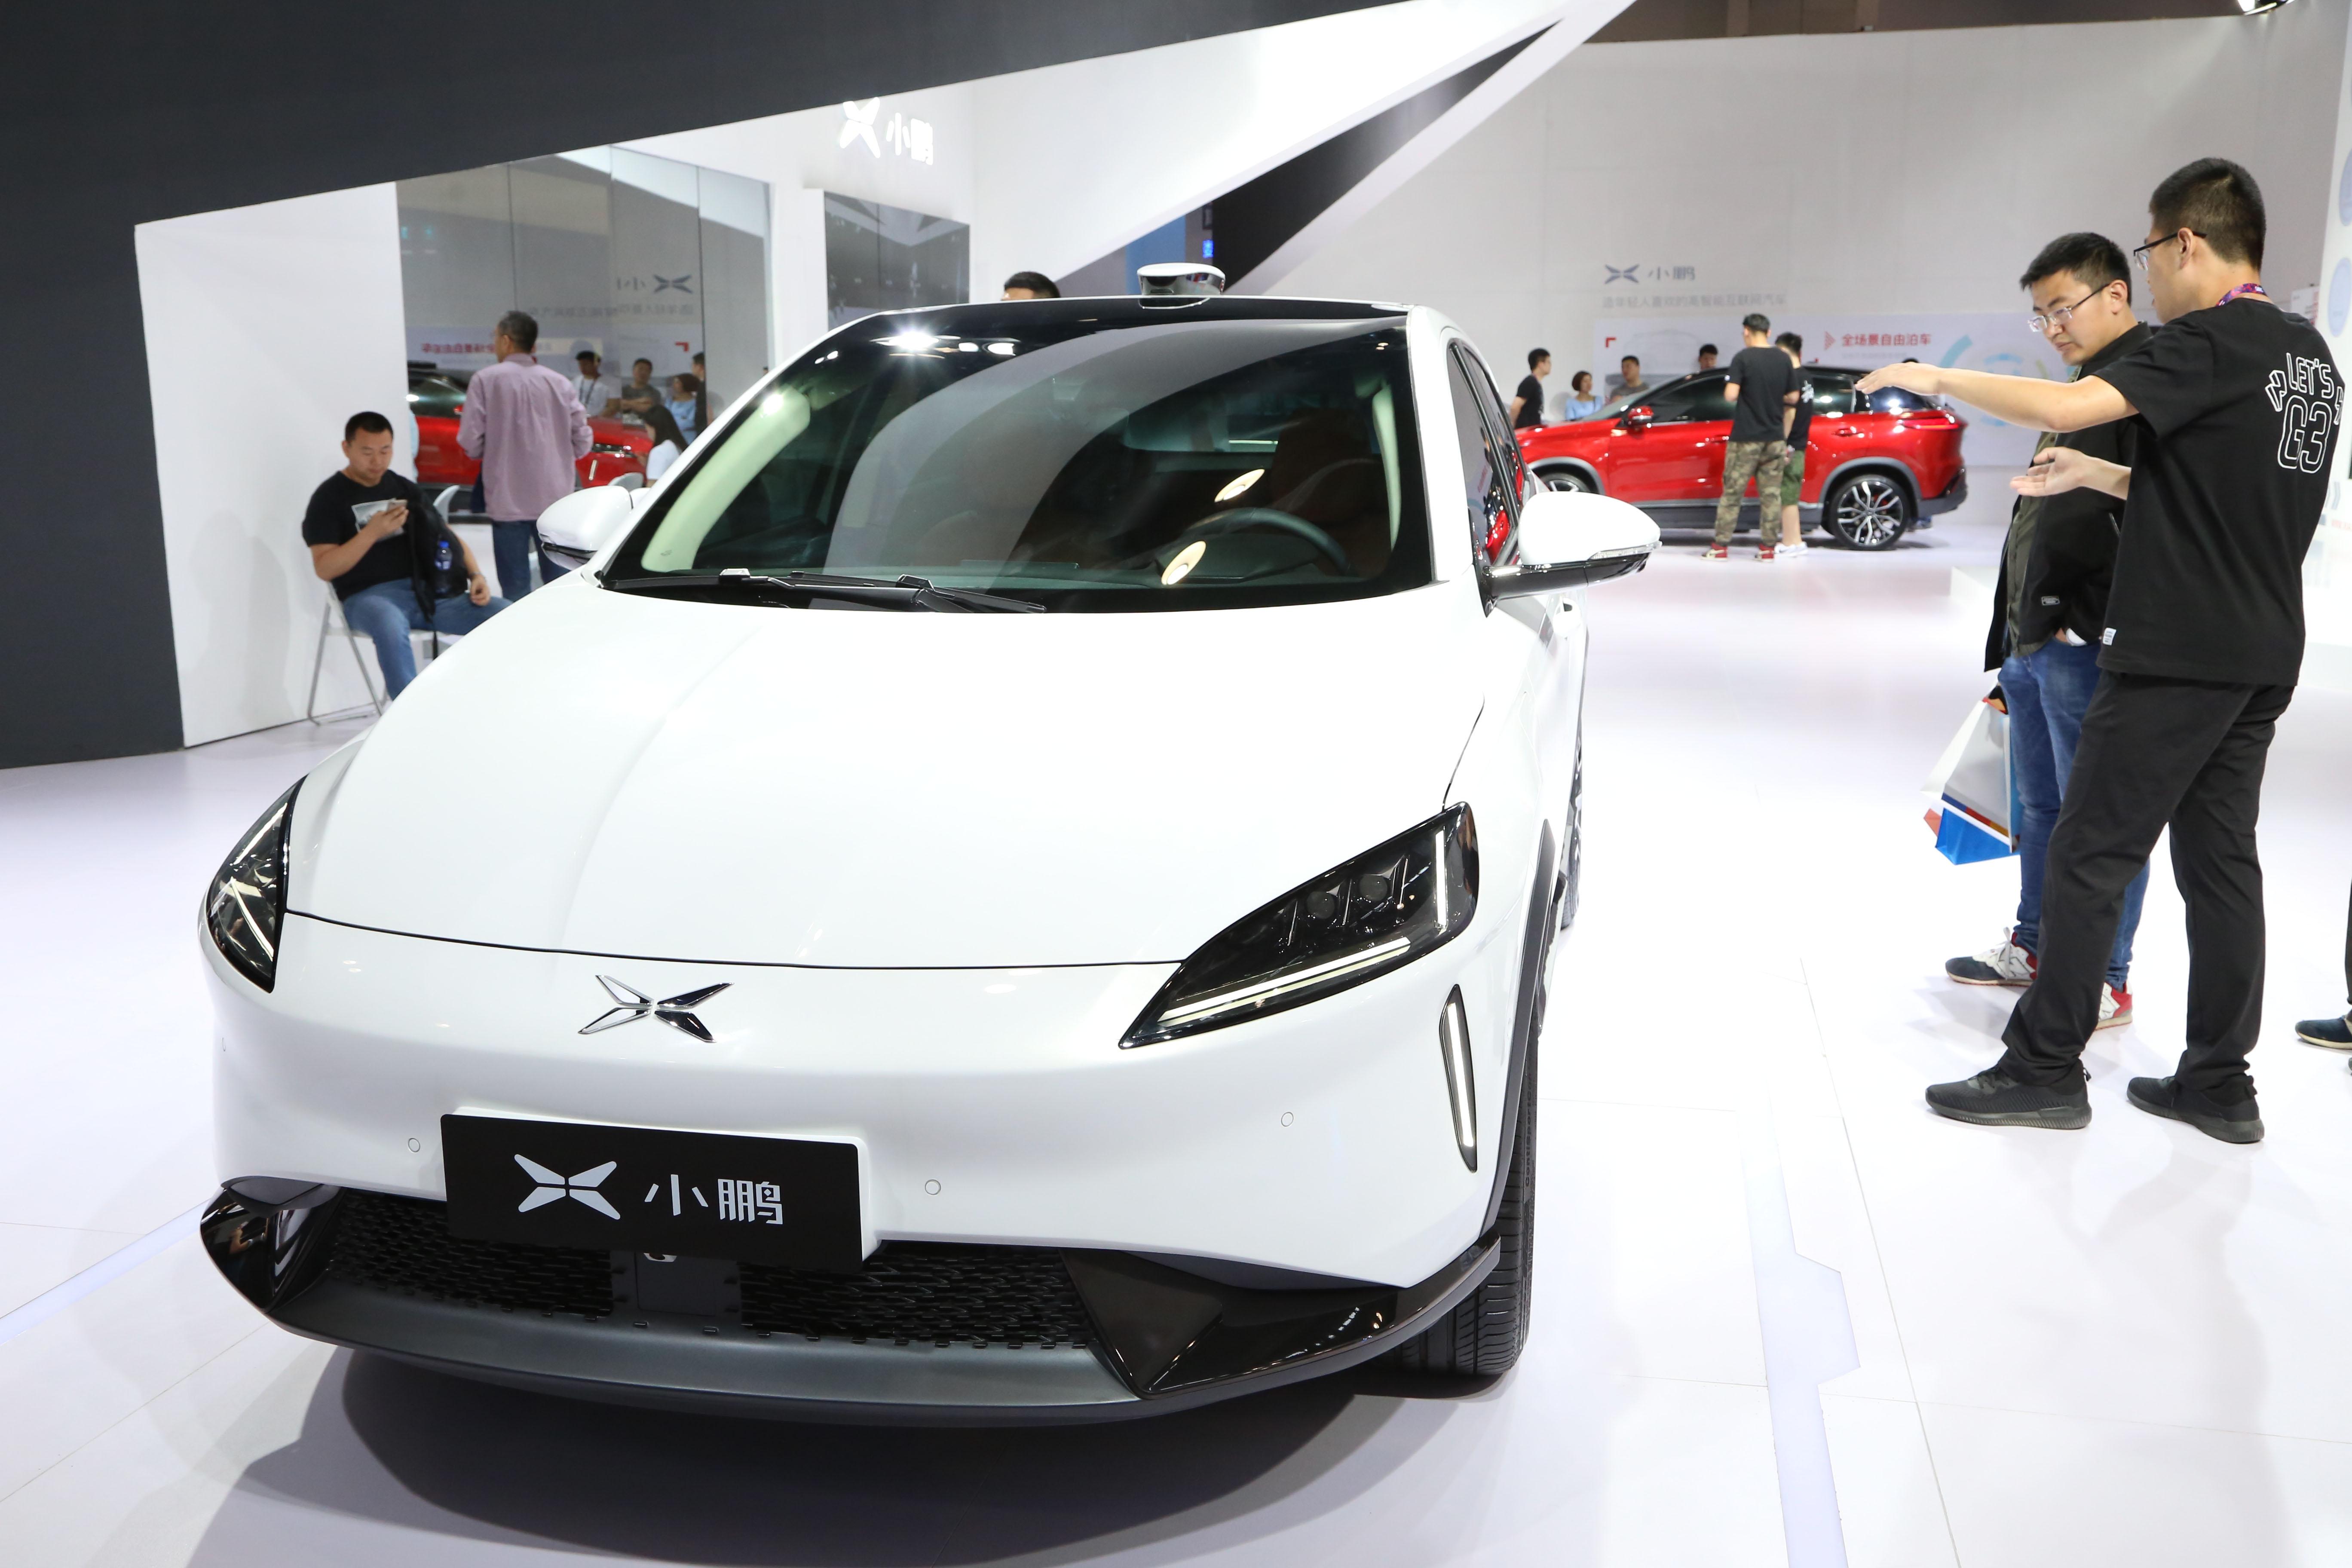 小鹏汽车拟融资42亿解资金之渴  离全年融资目标尚差120亿